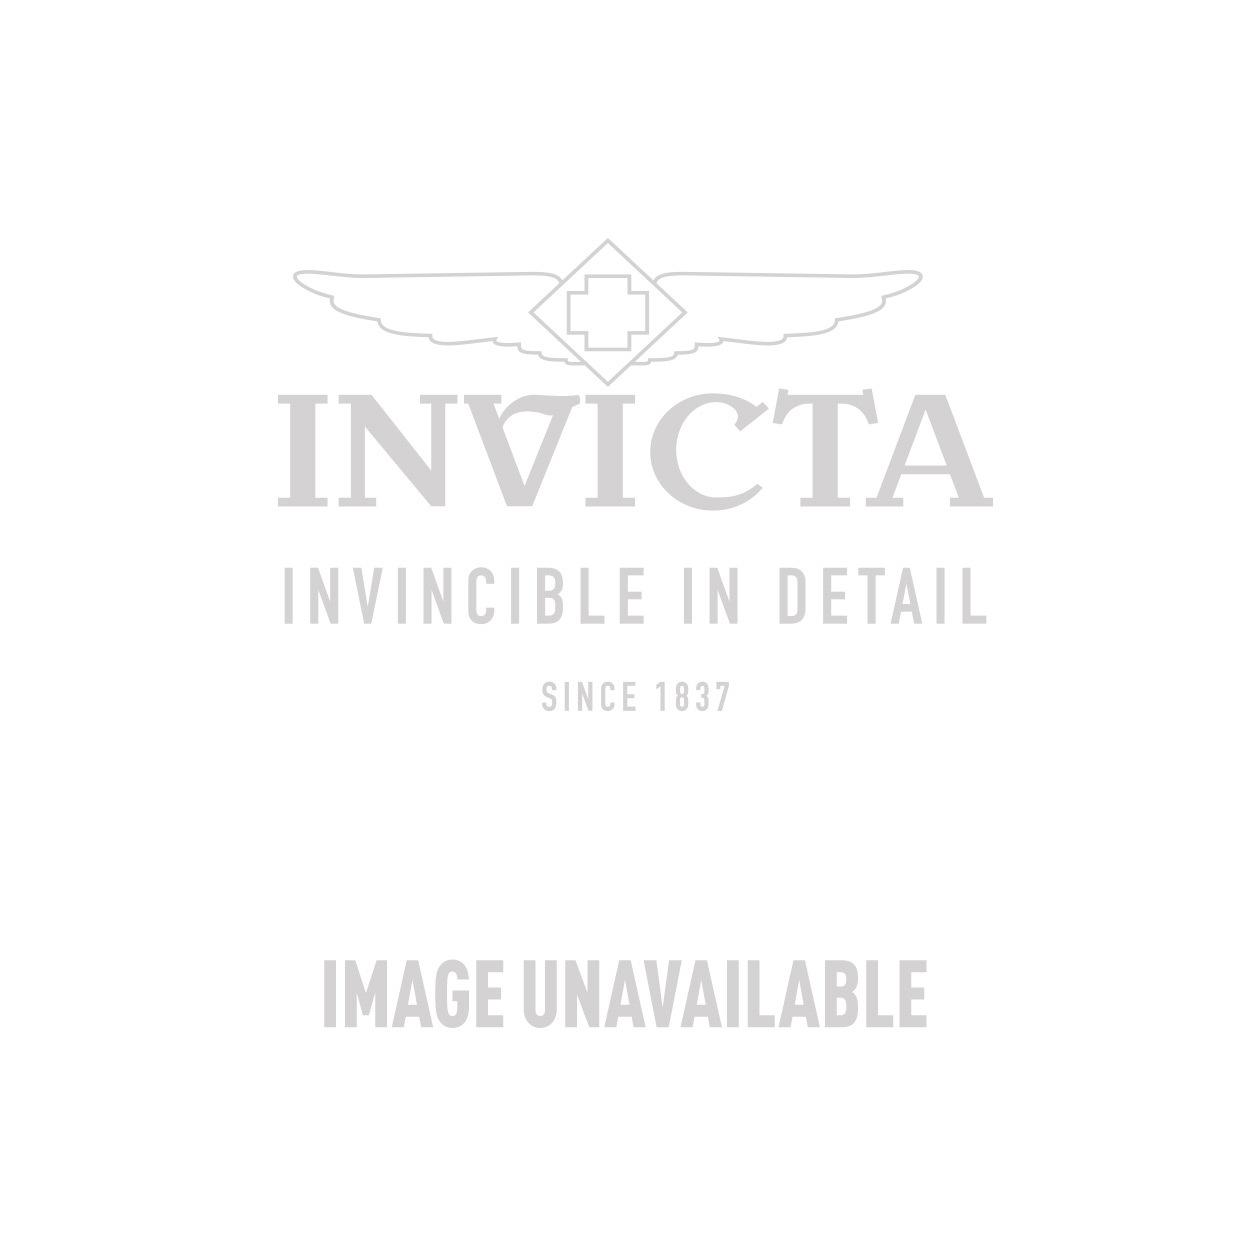 Invicta Model 27975